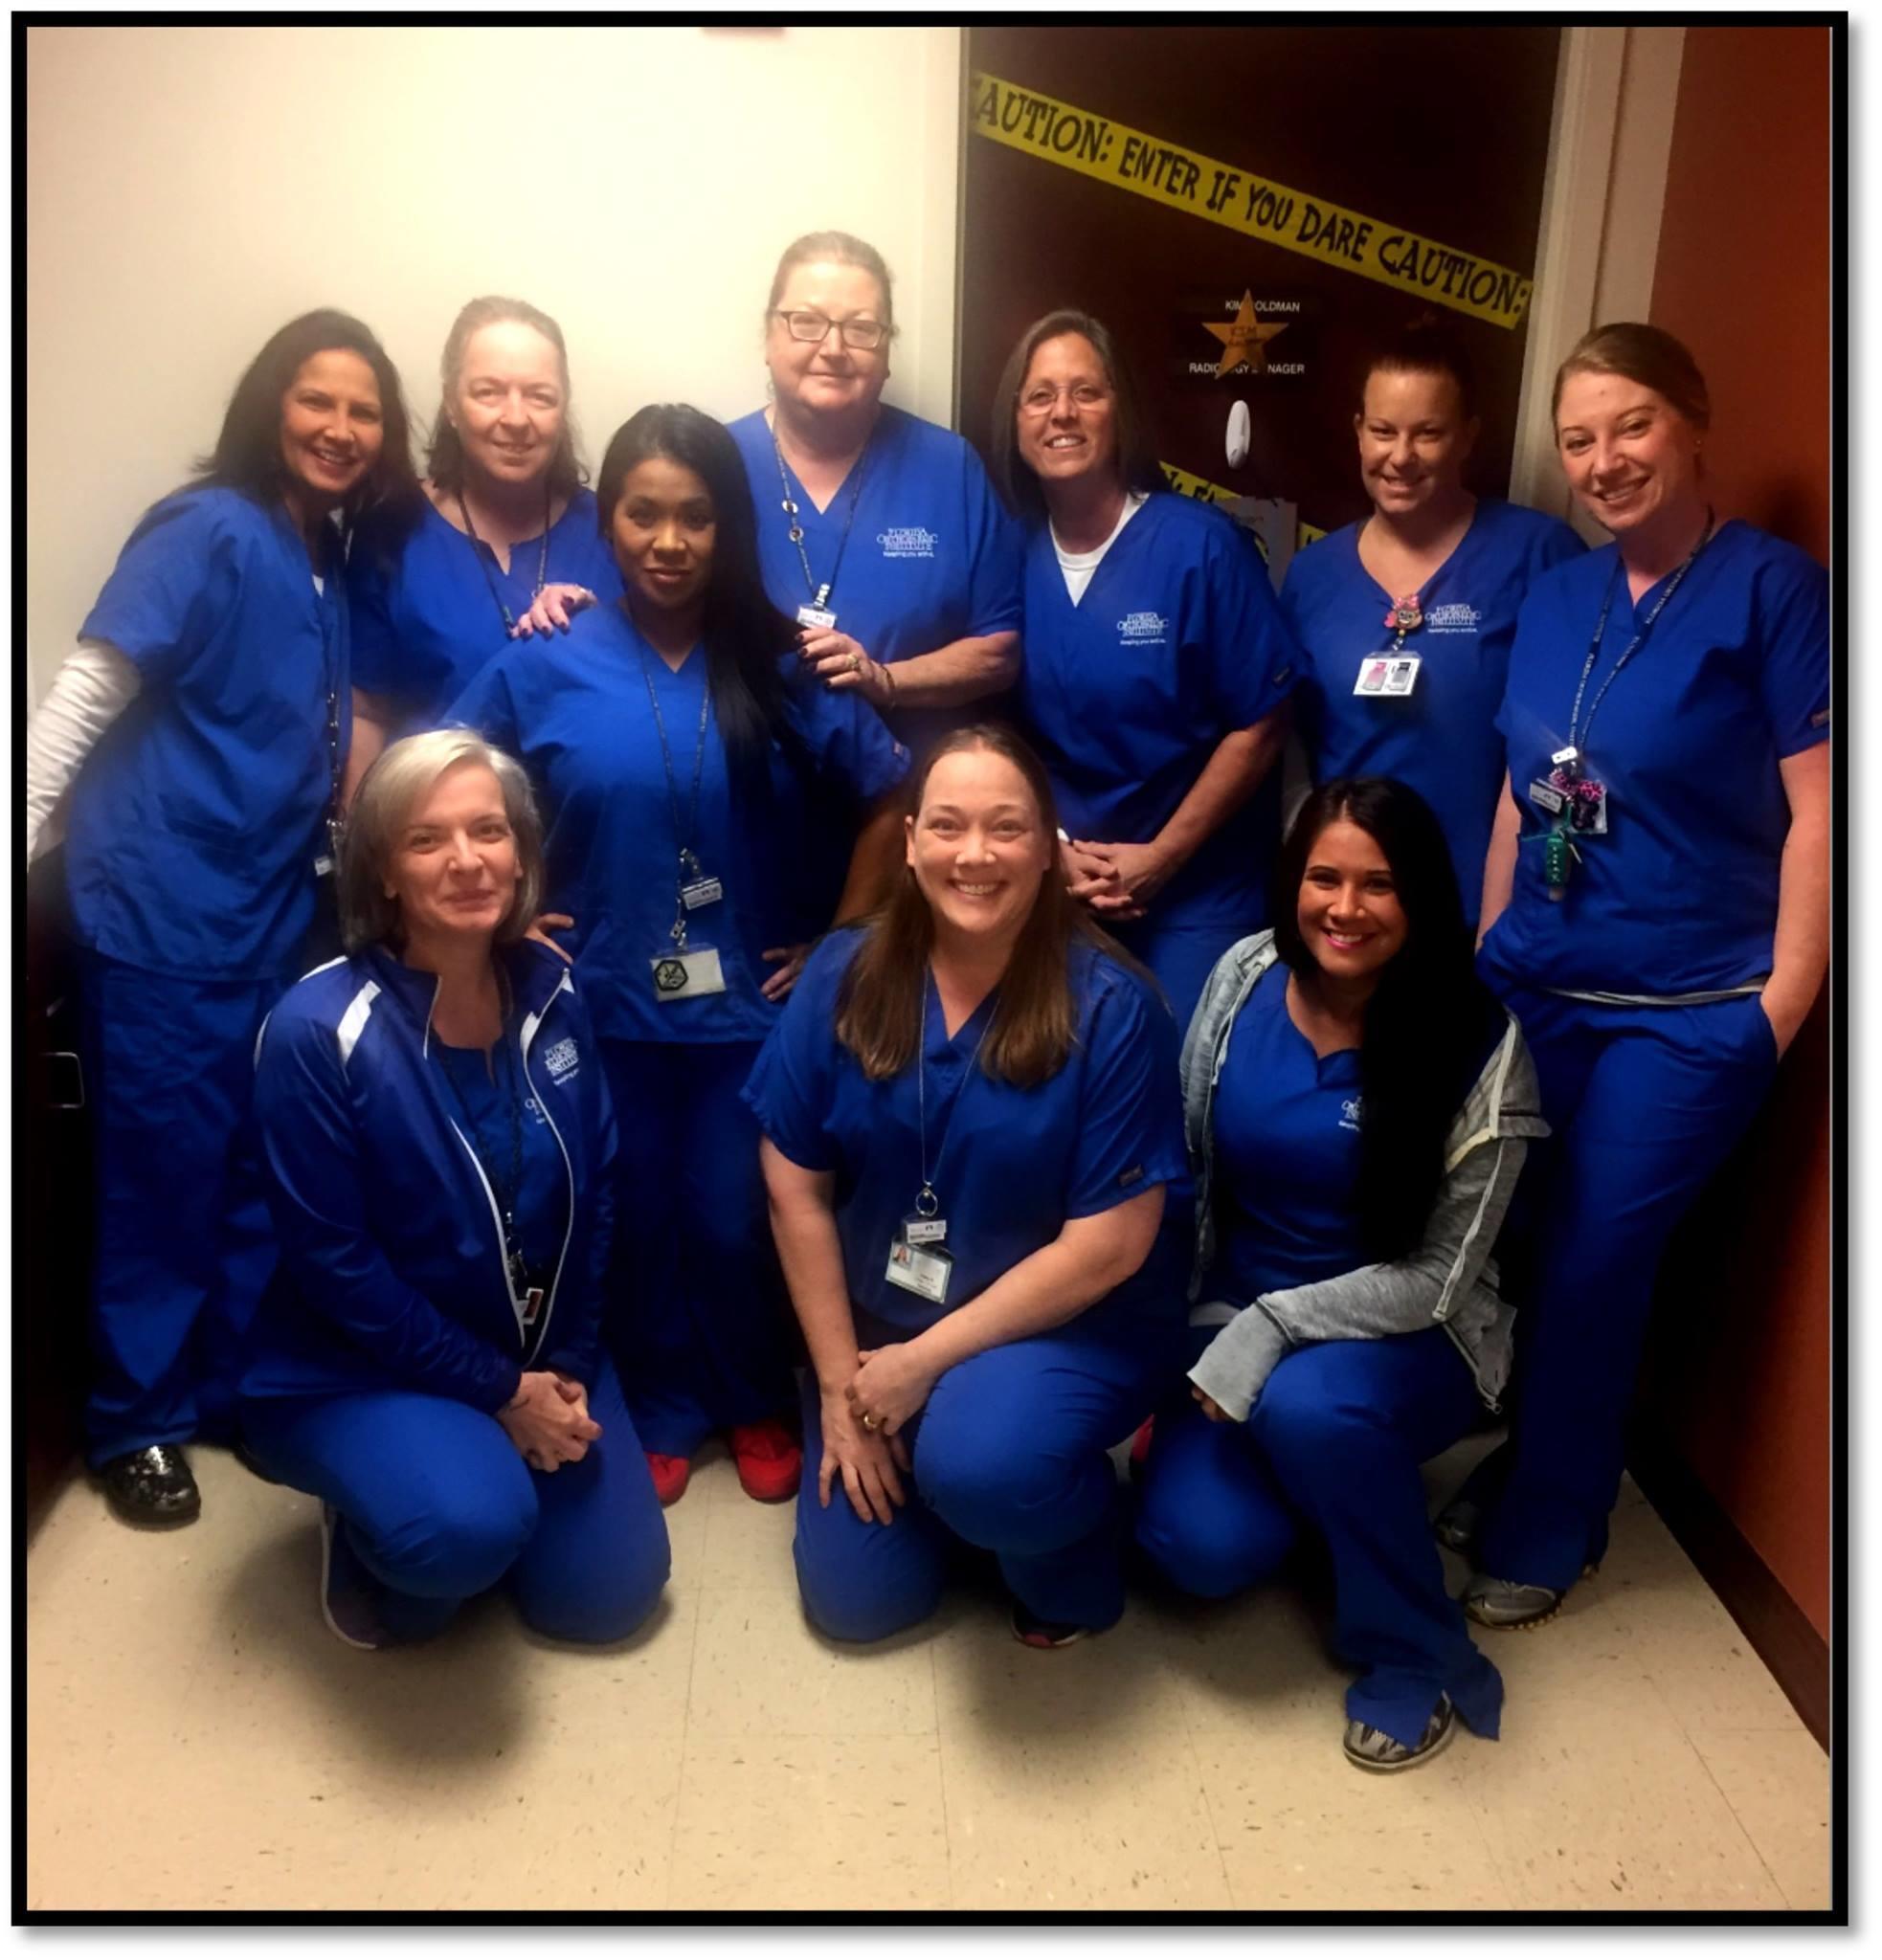 Florida Orthopaedic Institute Staff